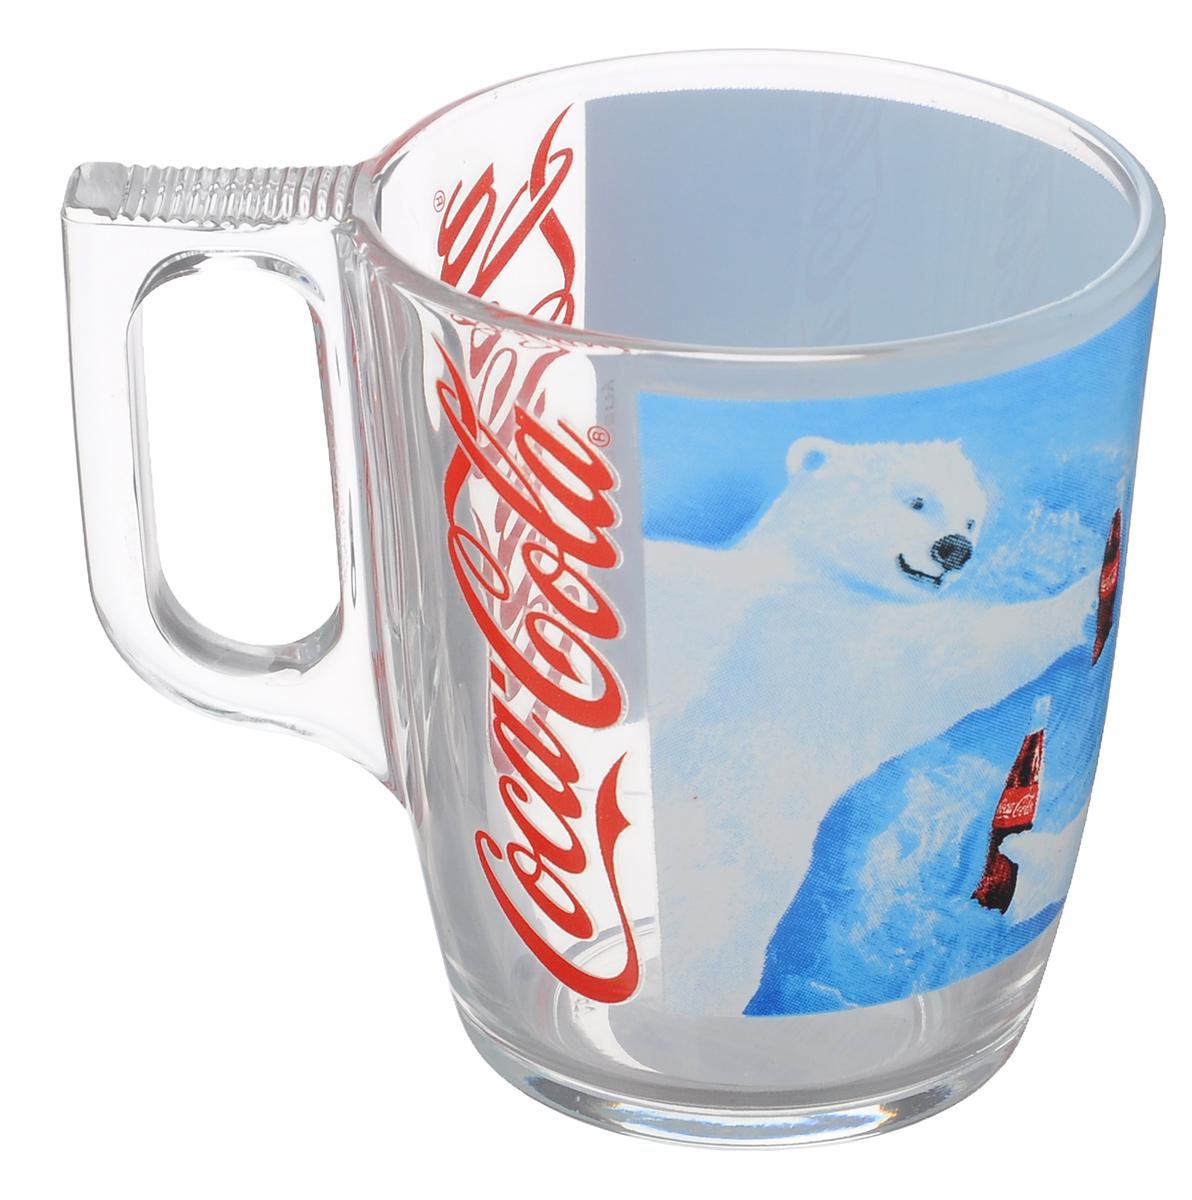 Кружка Luminarc Coca-Cola. Polar Bear, 200 млJ3989Кружка Luminarc Coca-Cola. Polar Bear изготовлена из упрочненного стекла. Такая кружка прекрасно подойдет для горячих и холодных напитков. Она дополнит коллекцию вашей кухонной посуды и будет служить долгие годы. Объем кружки: 200 мл. Диаметр кружки (по верхнему краю): 7,5 см. Высота стенки кружки: 9 см.